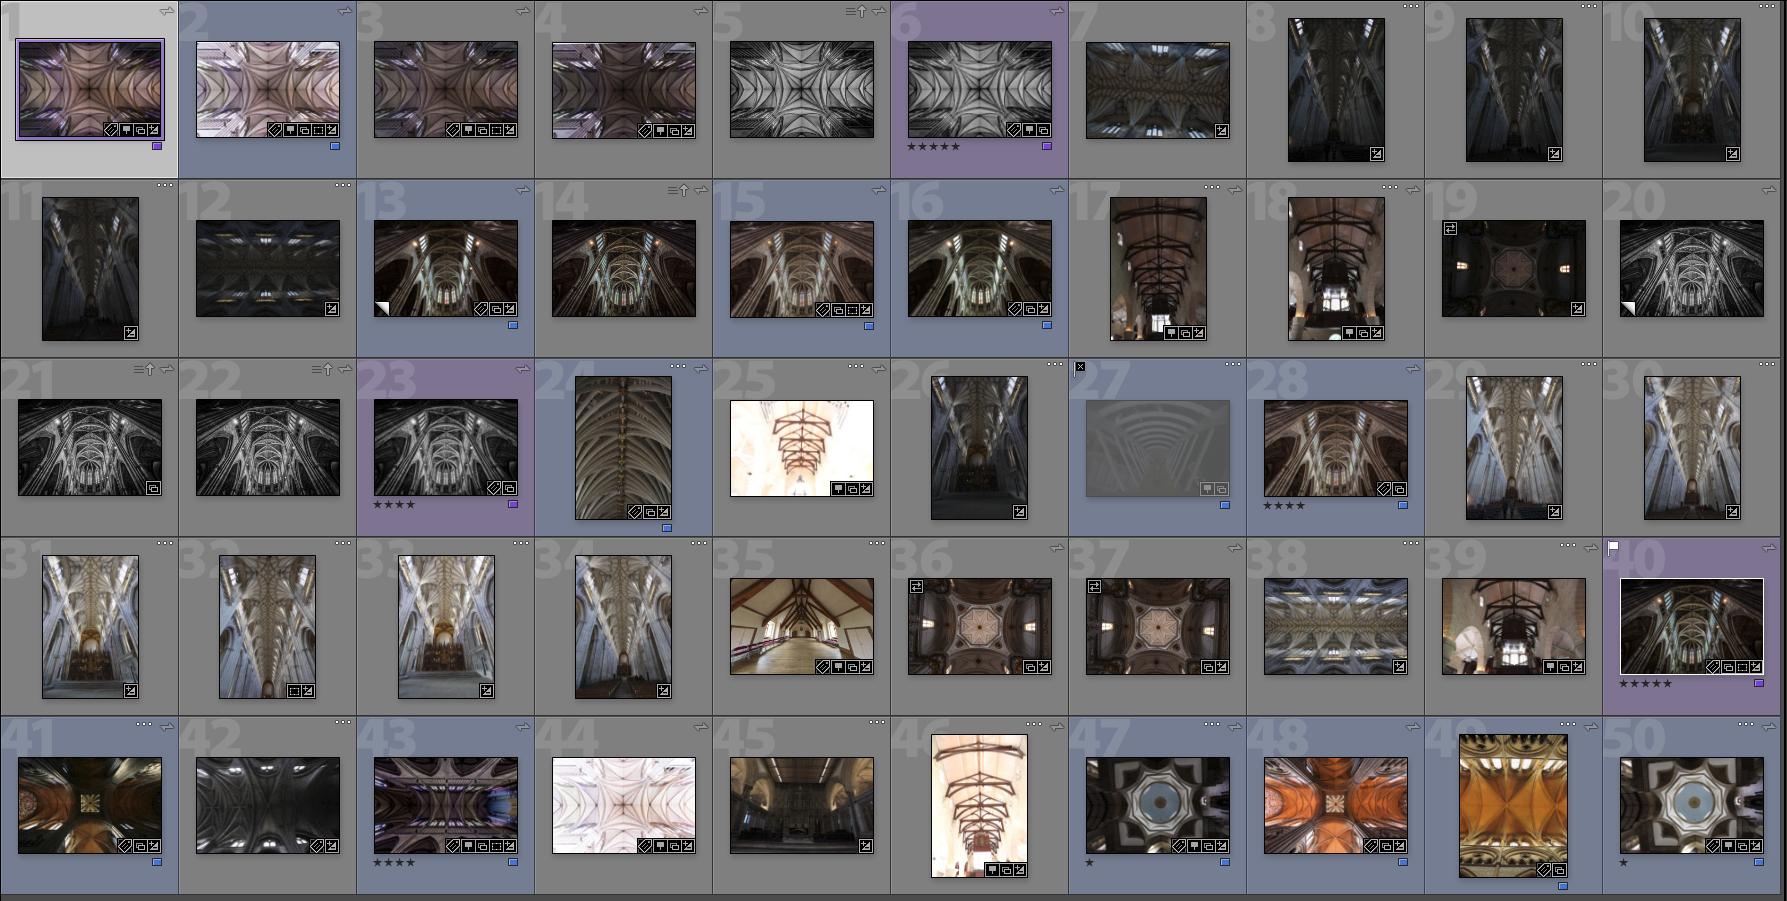 50 church ceilings